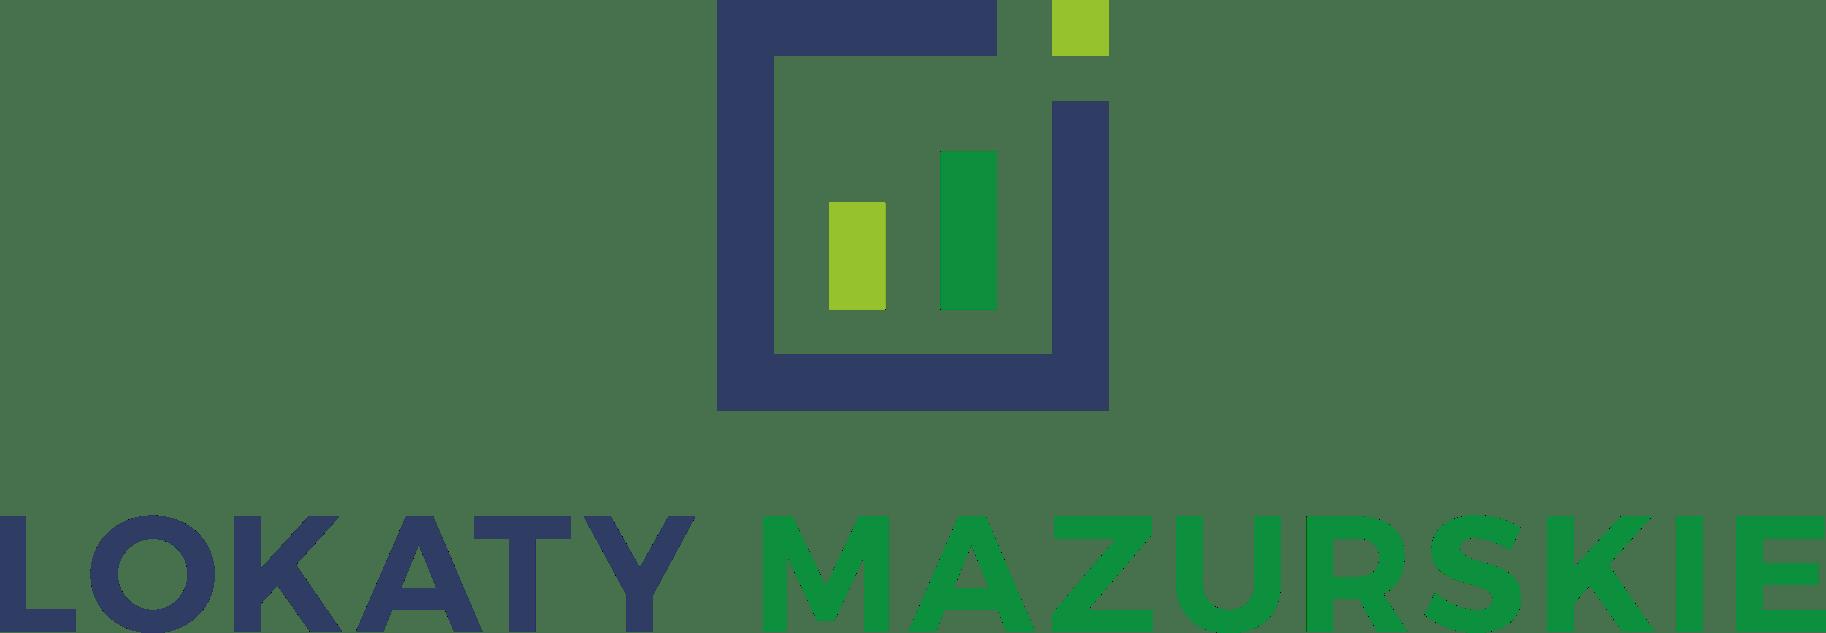 Lokaty Mazurskie